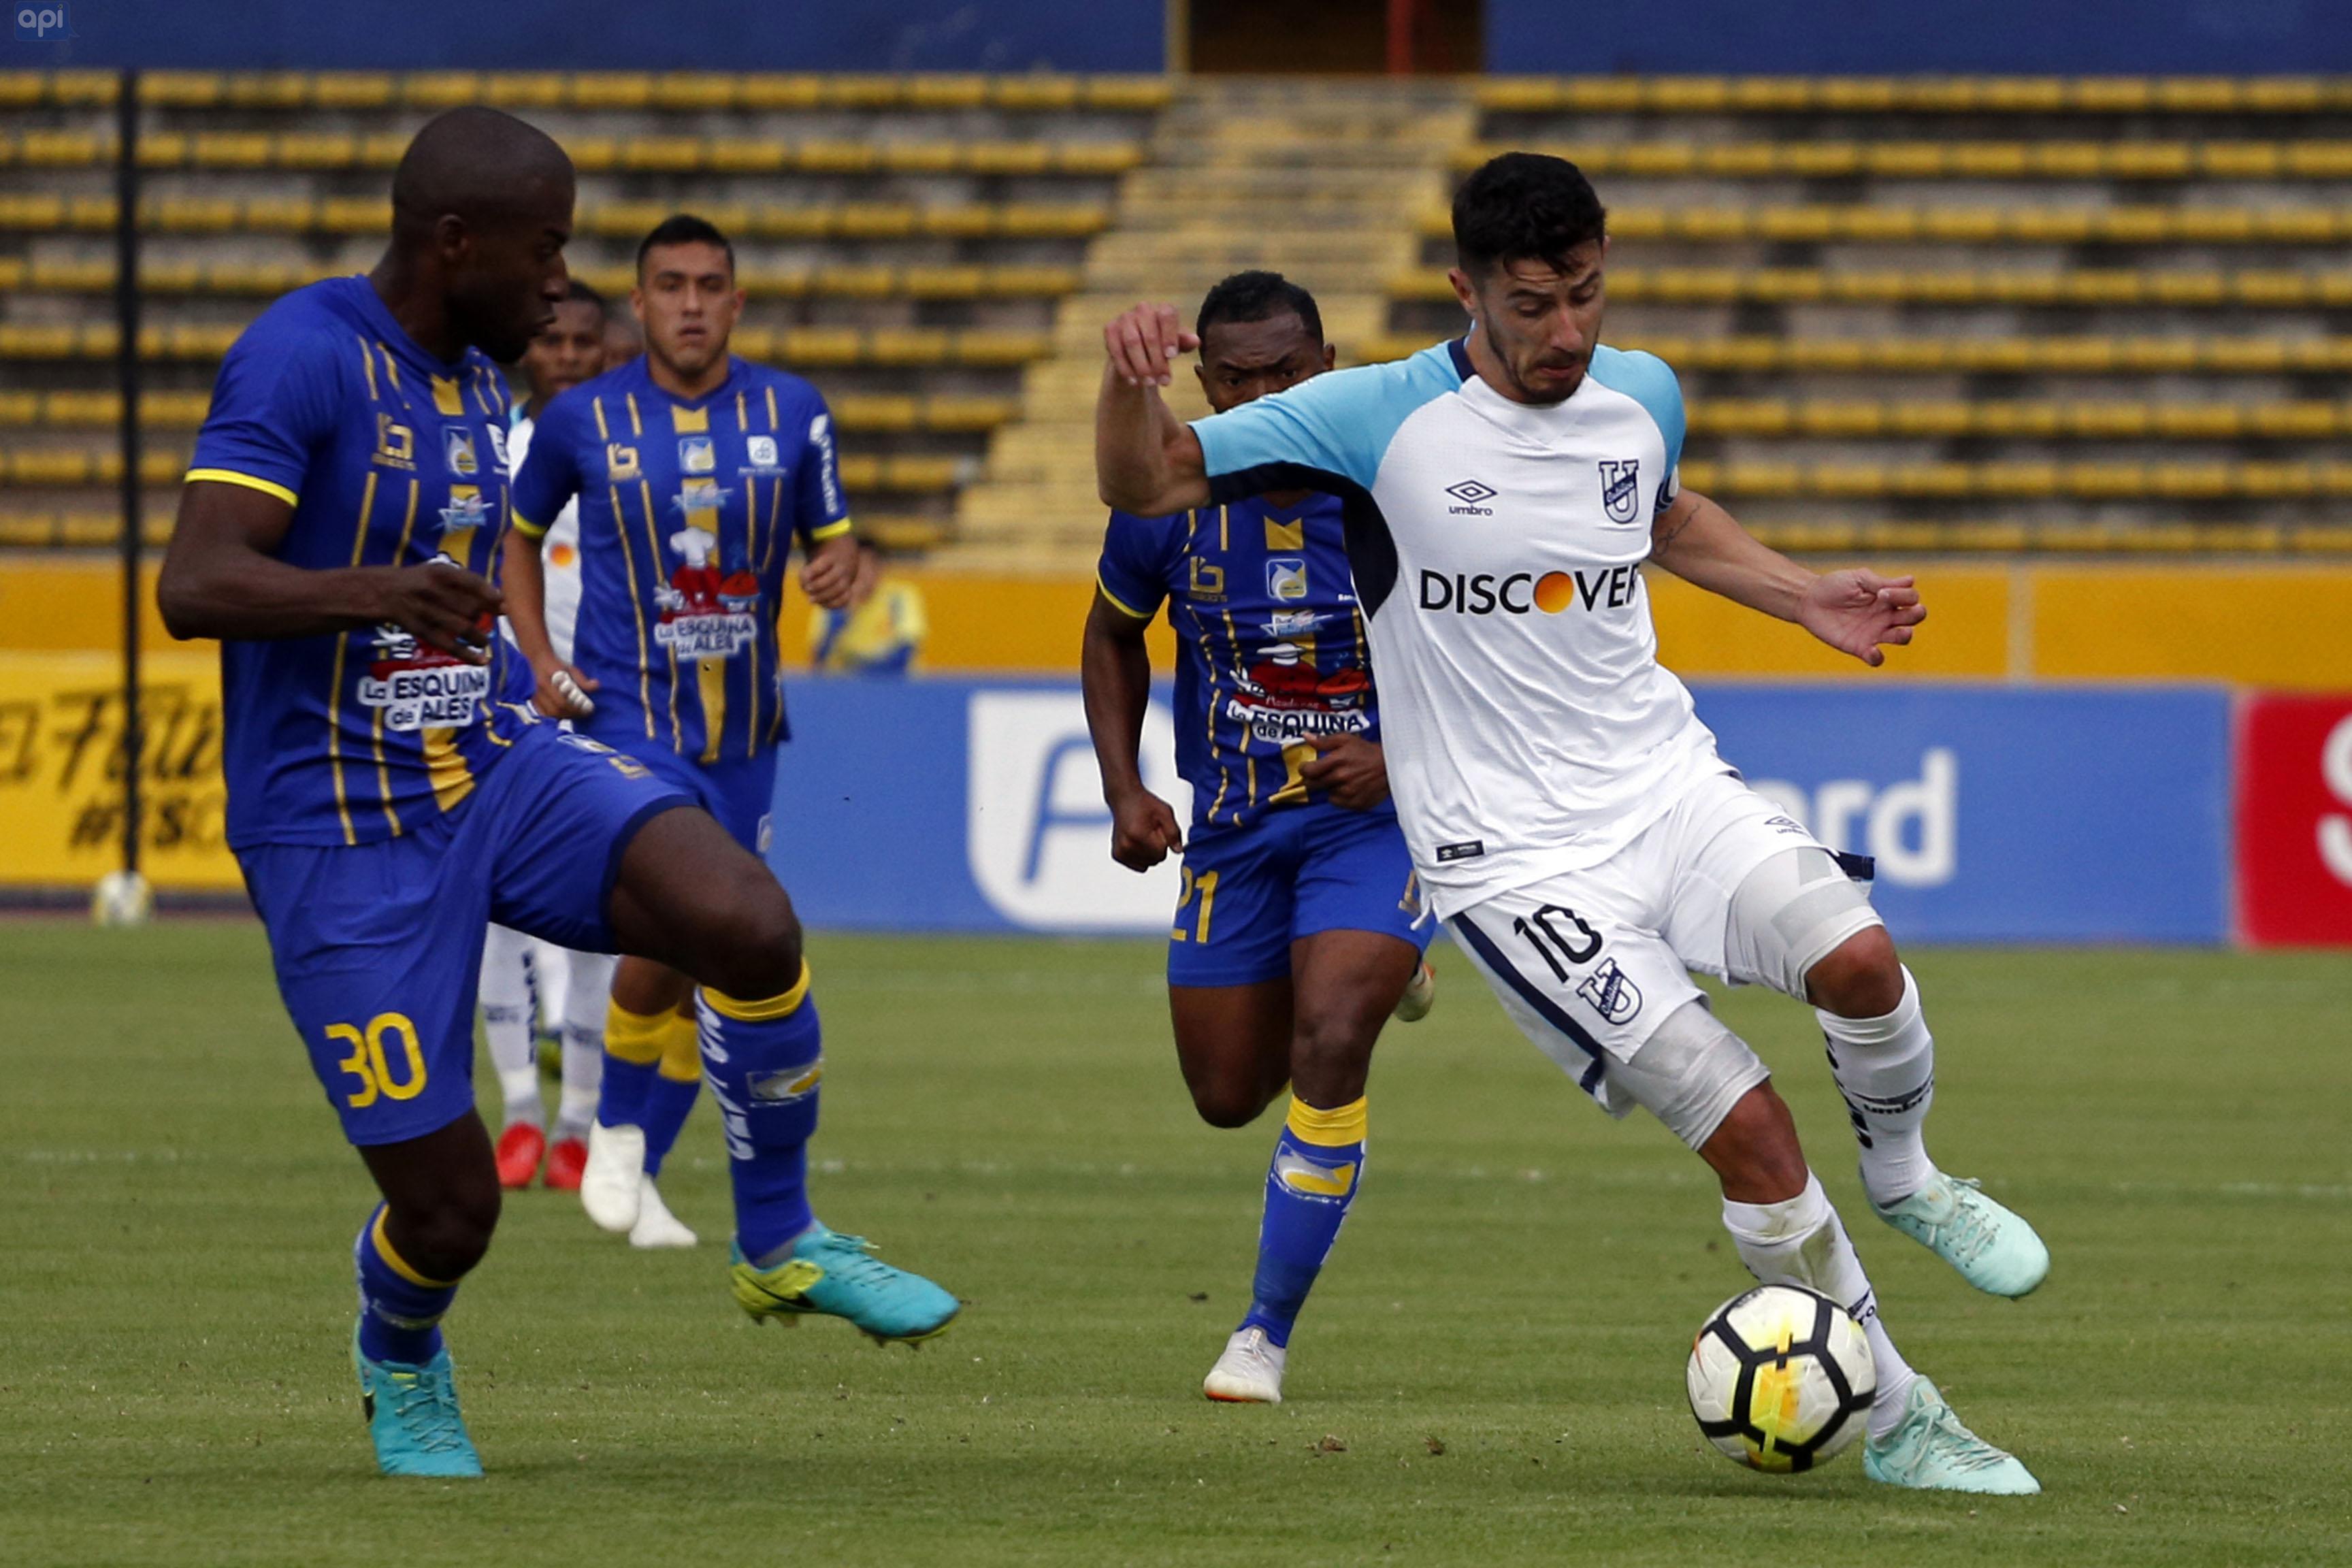 Facundo Martínez mencionó que a la 'Cato' le afectó caer ante Emelec y ahora se centra en su próximo objetivo